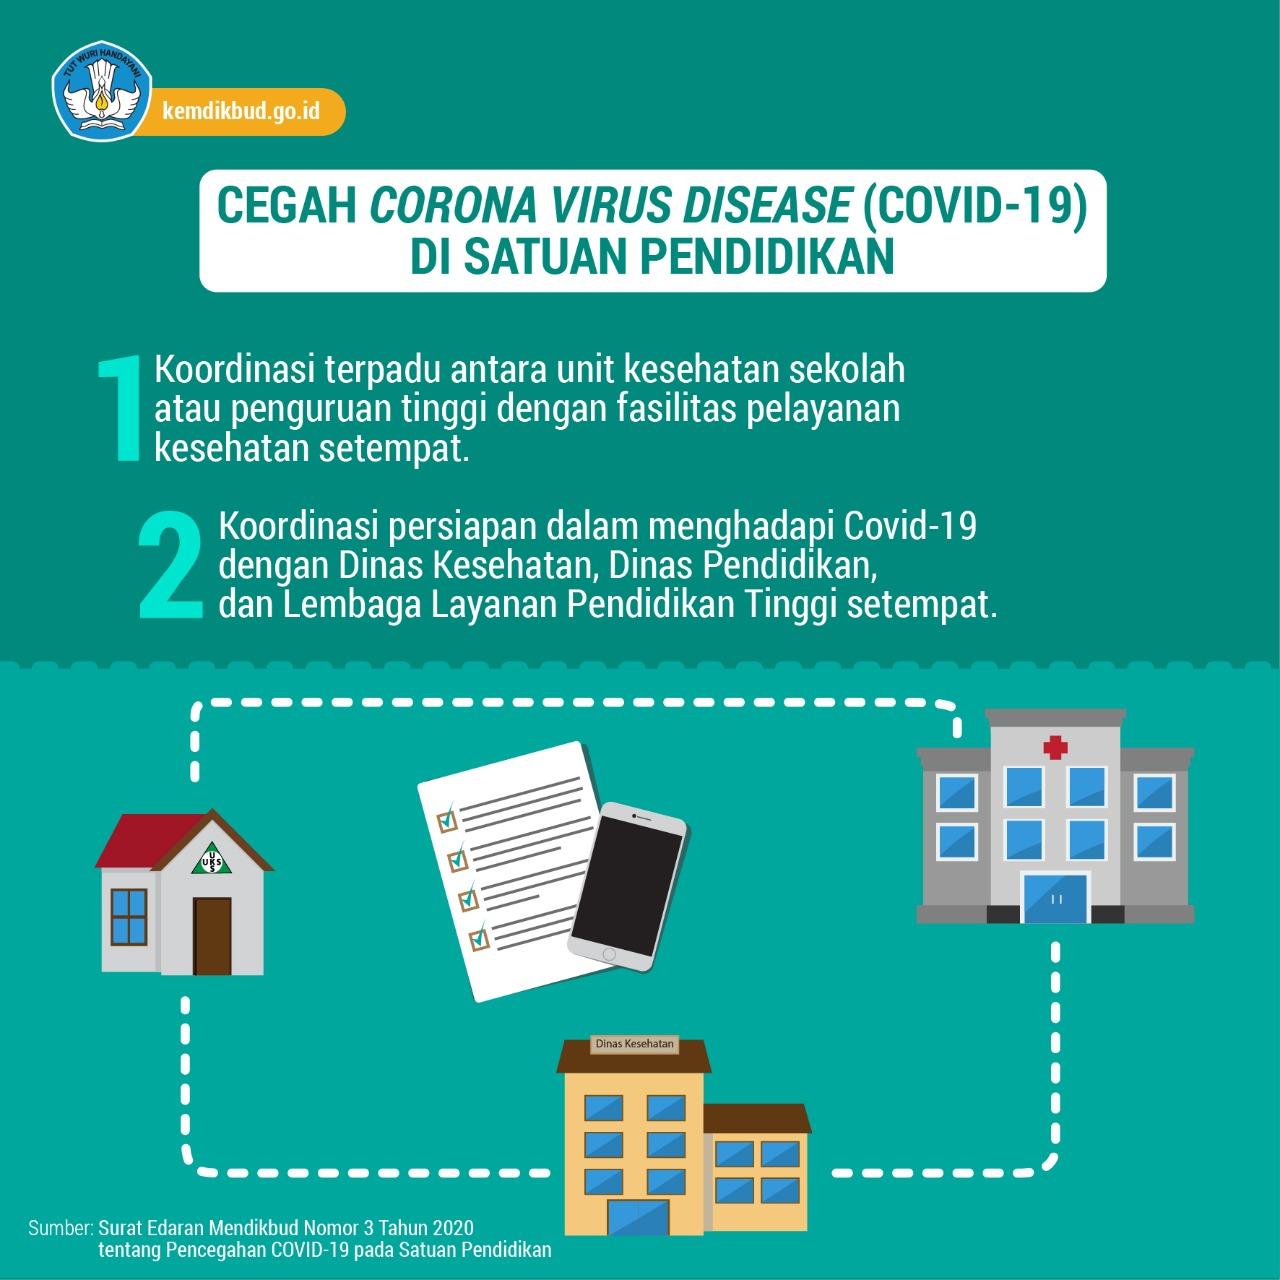 Infografis Cegah Covid-19 di Satuan Pendidikan